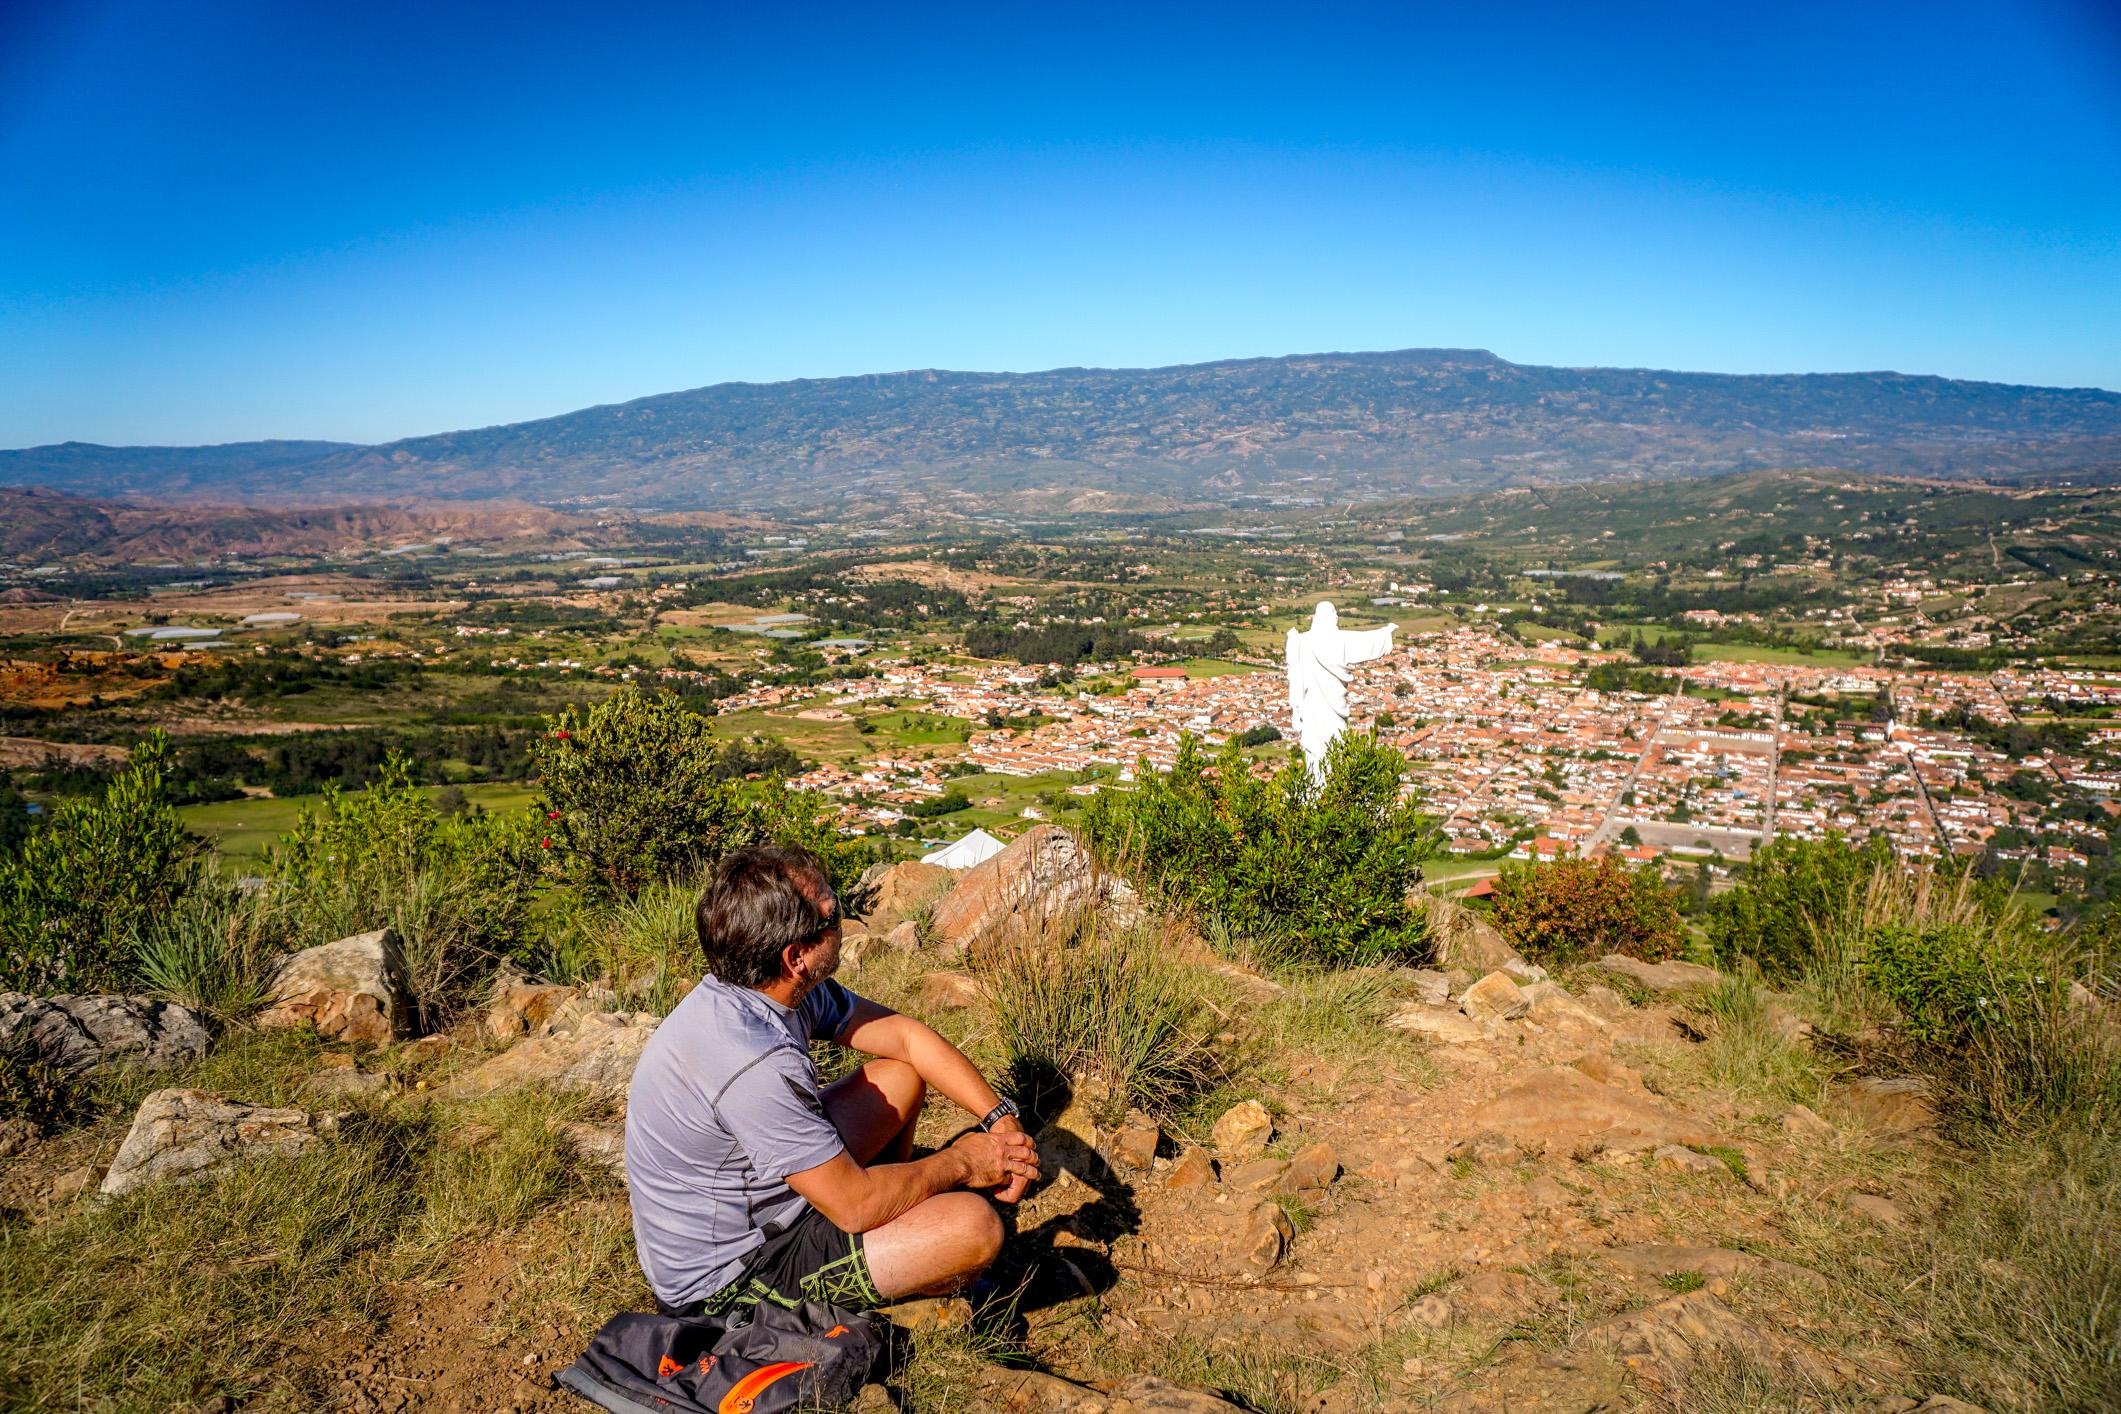 The best views of Villa de Leyva can be found from the Mirador el Santo.